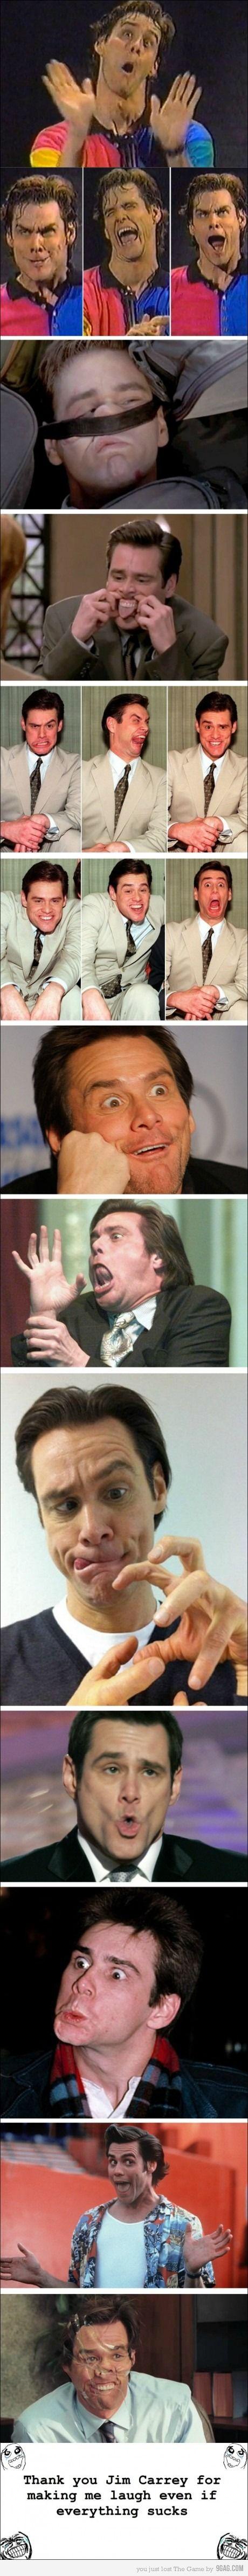 I love his facial expressions. lol love him!